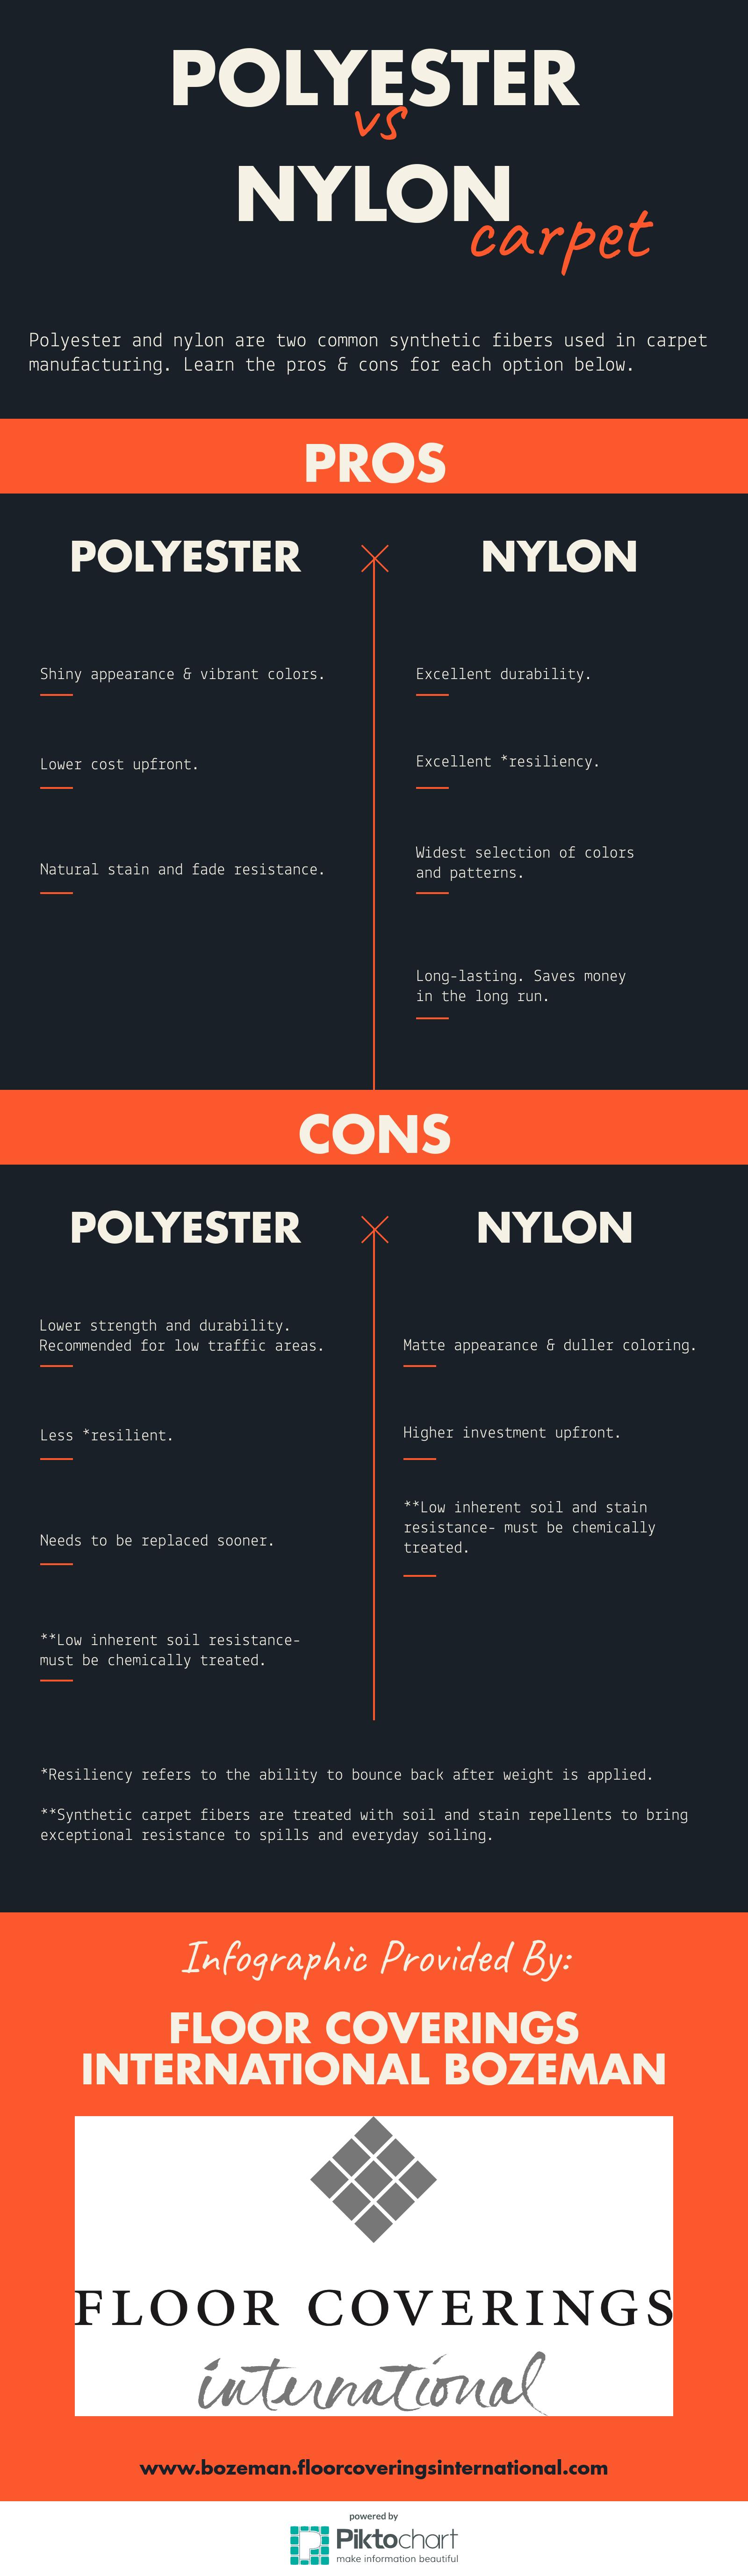 infographic: polyester vs nylon carpet